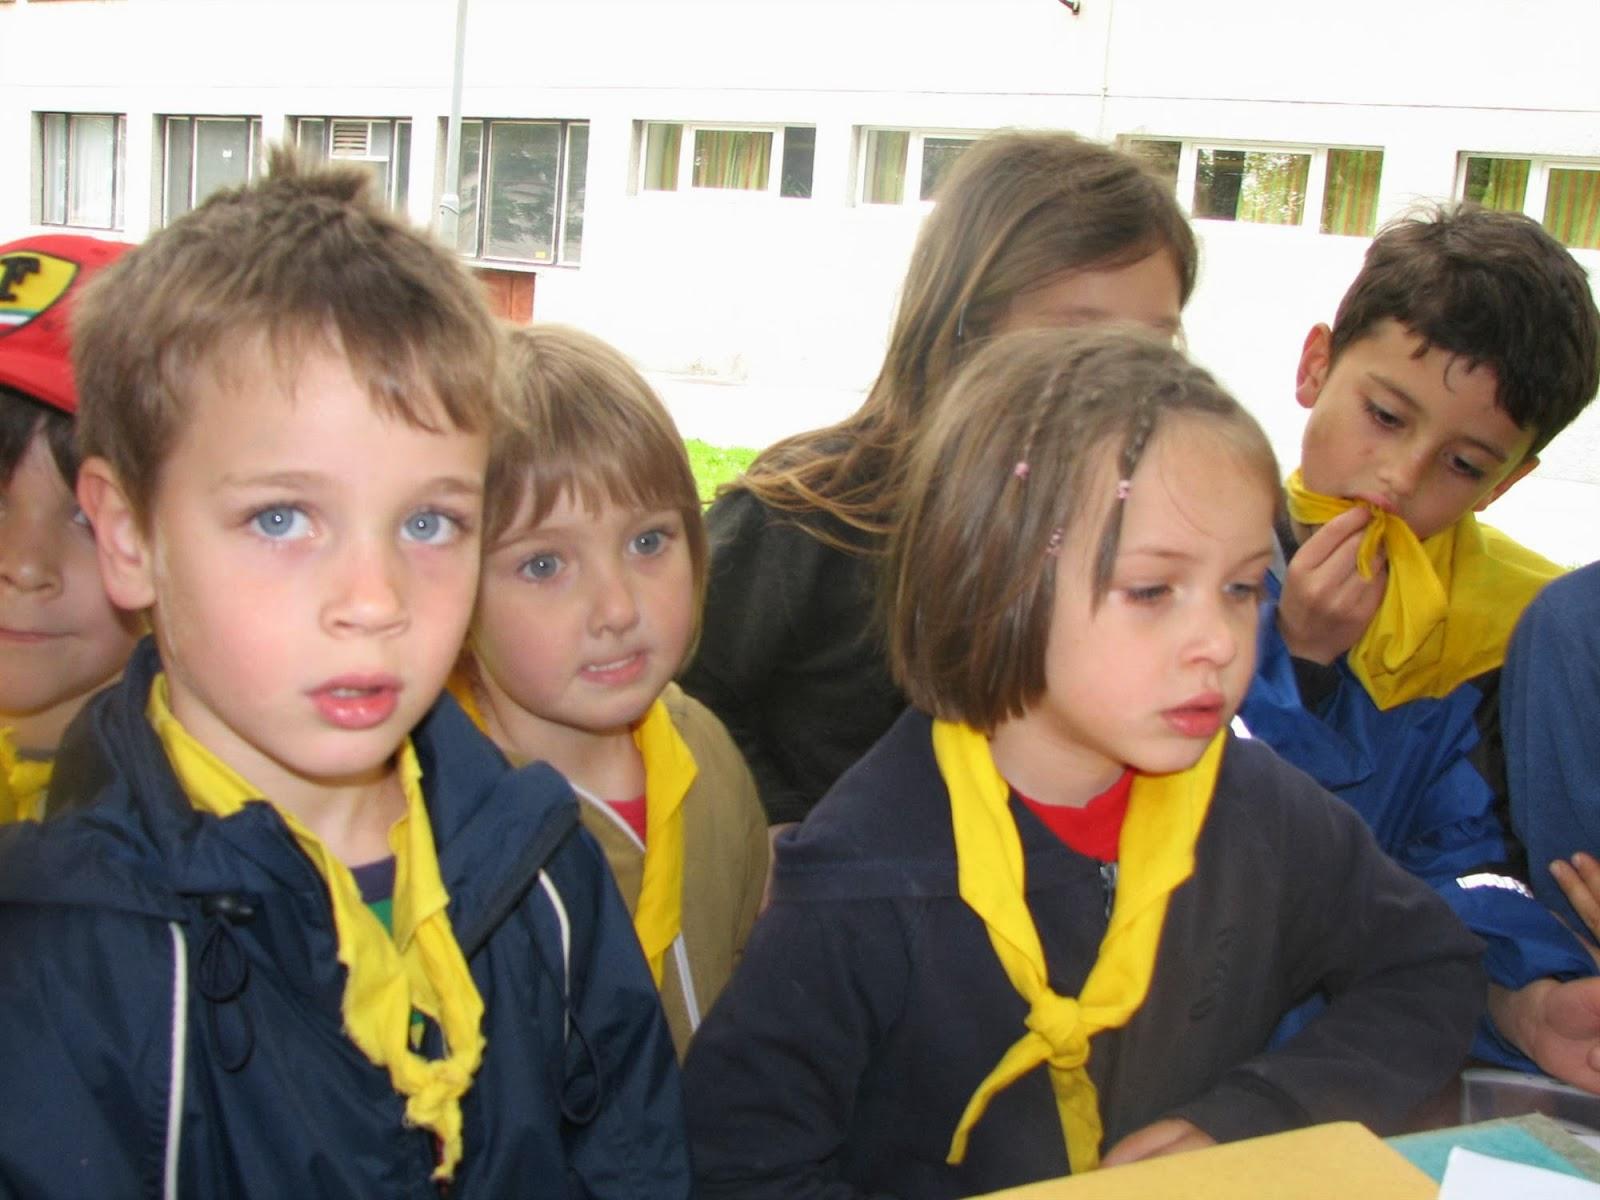 Področni mnogoboj MČ, Ilirska Bistrica 2006 - pics%2B044.jpg